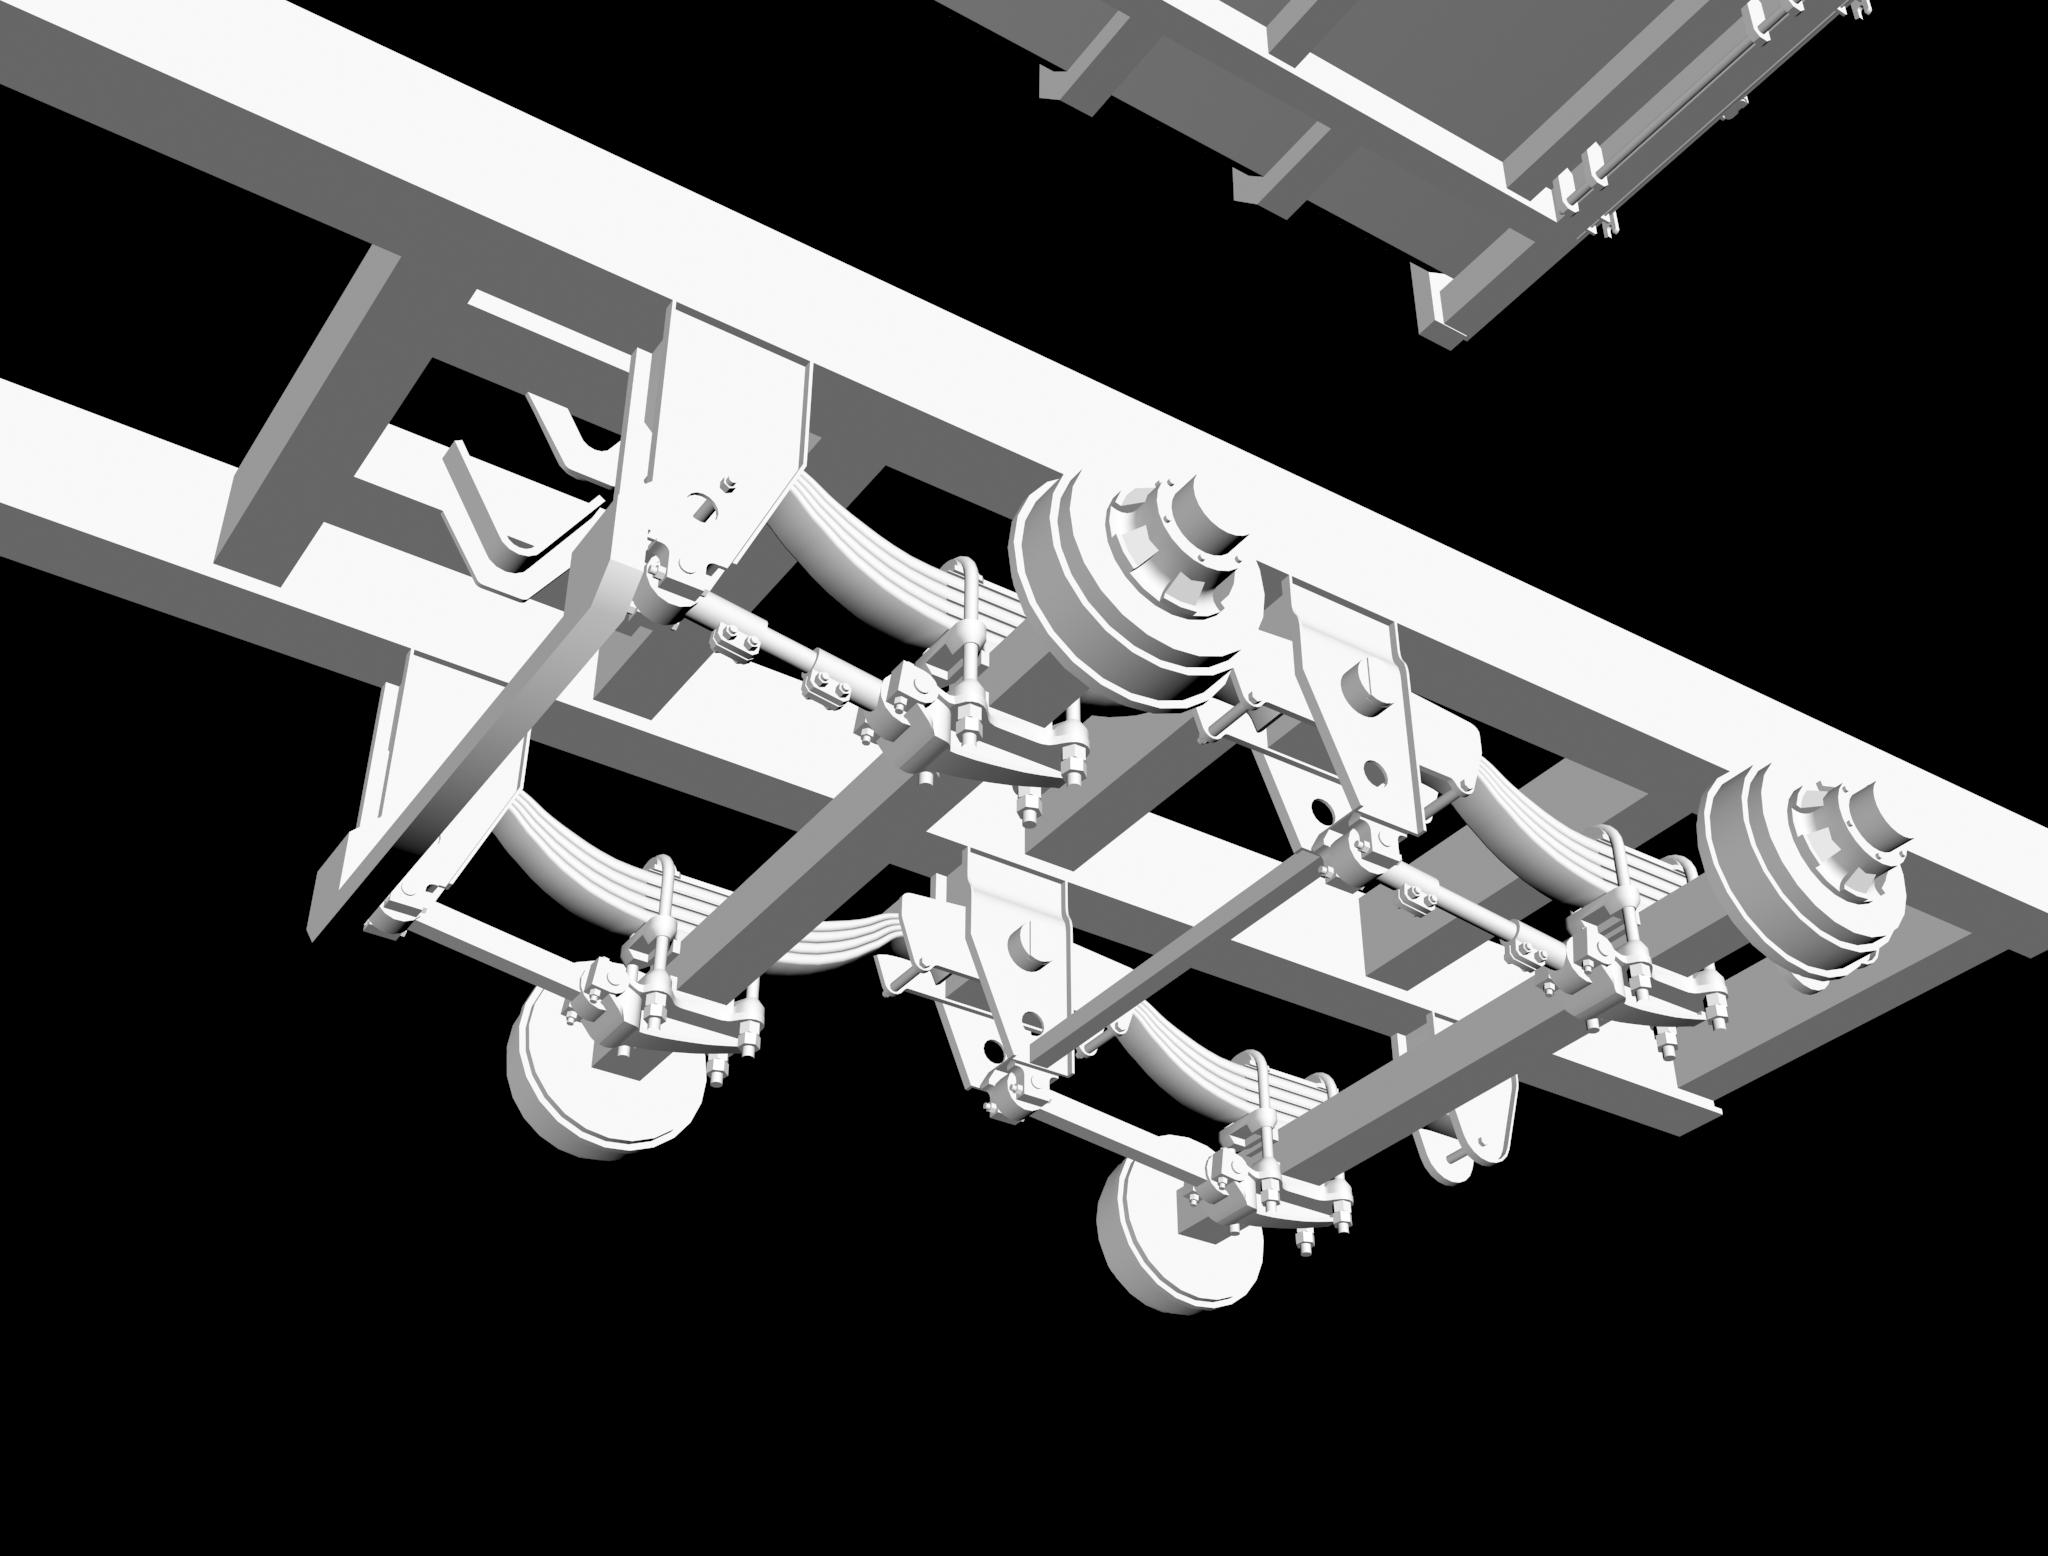 [Encuesta][T.E.P.] Proyecto Aguas Tenias (22 modelos + 1 Camión) [Terminado 21-4-2014]. 6qpkwe